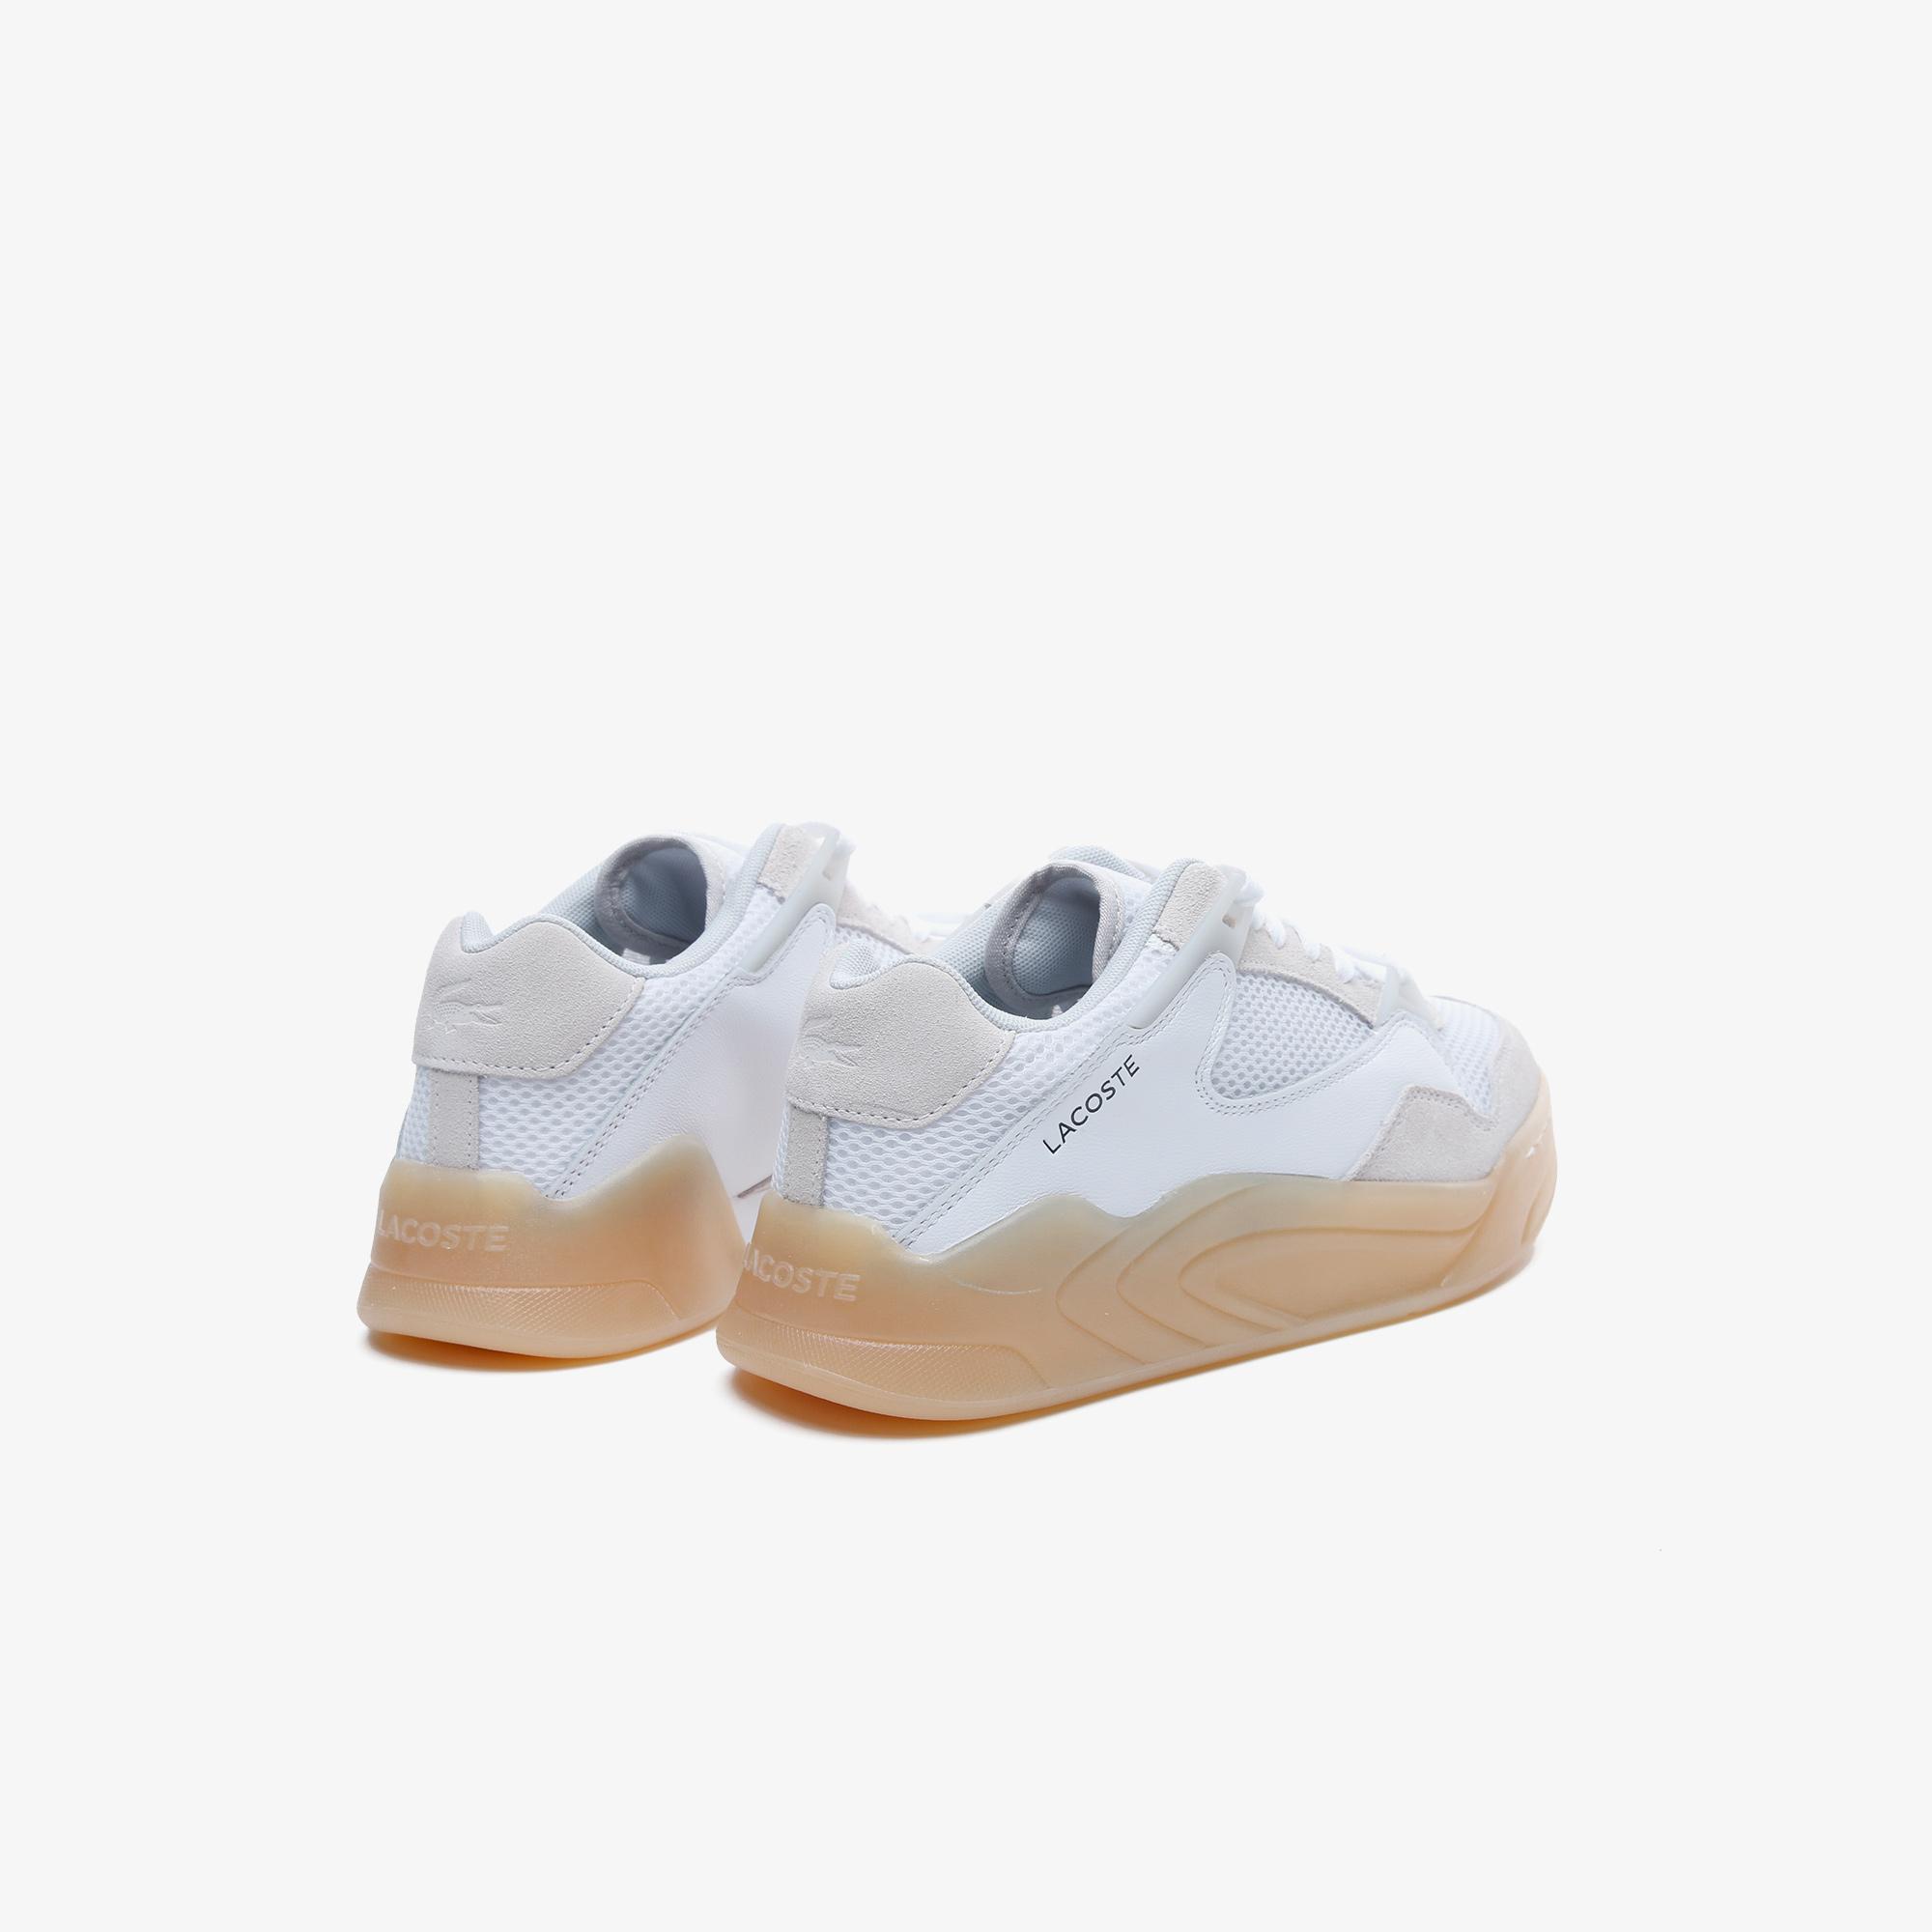 Lacoste кросівки жіночі Court Slam Dynamic